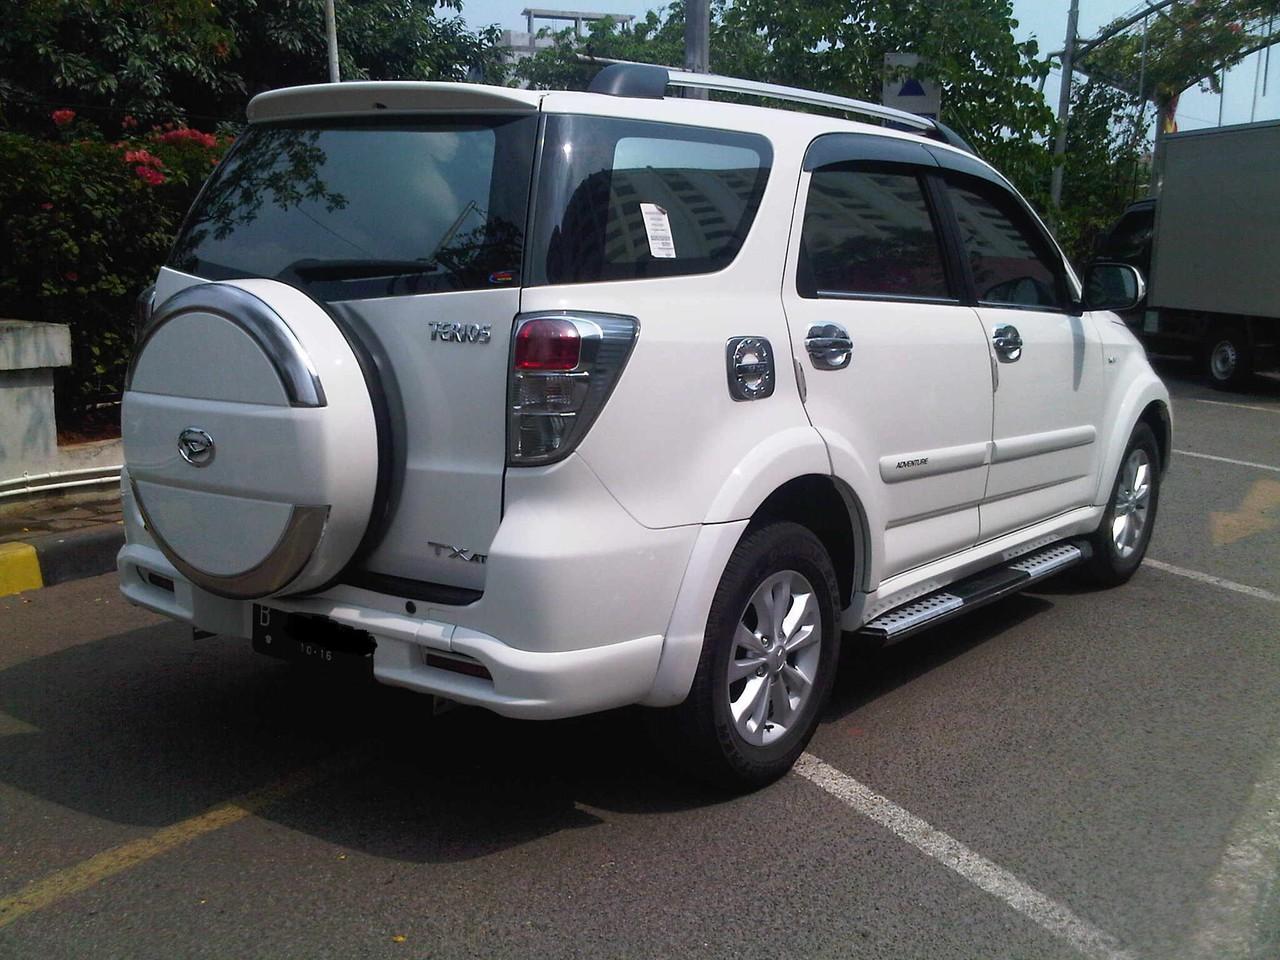 Gambar Modifikasi Daihatsu Terios Ts Extra Terlengkap